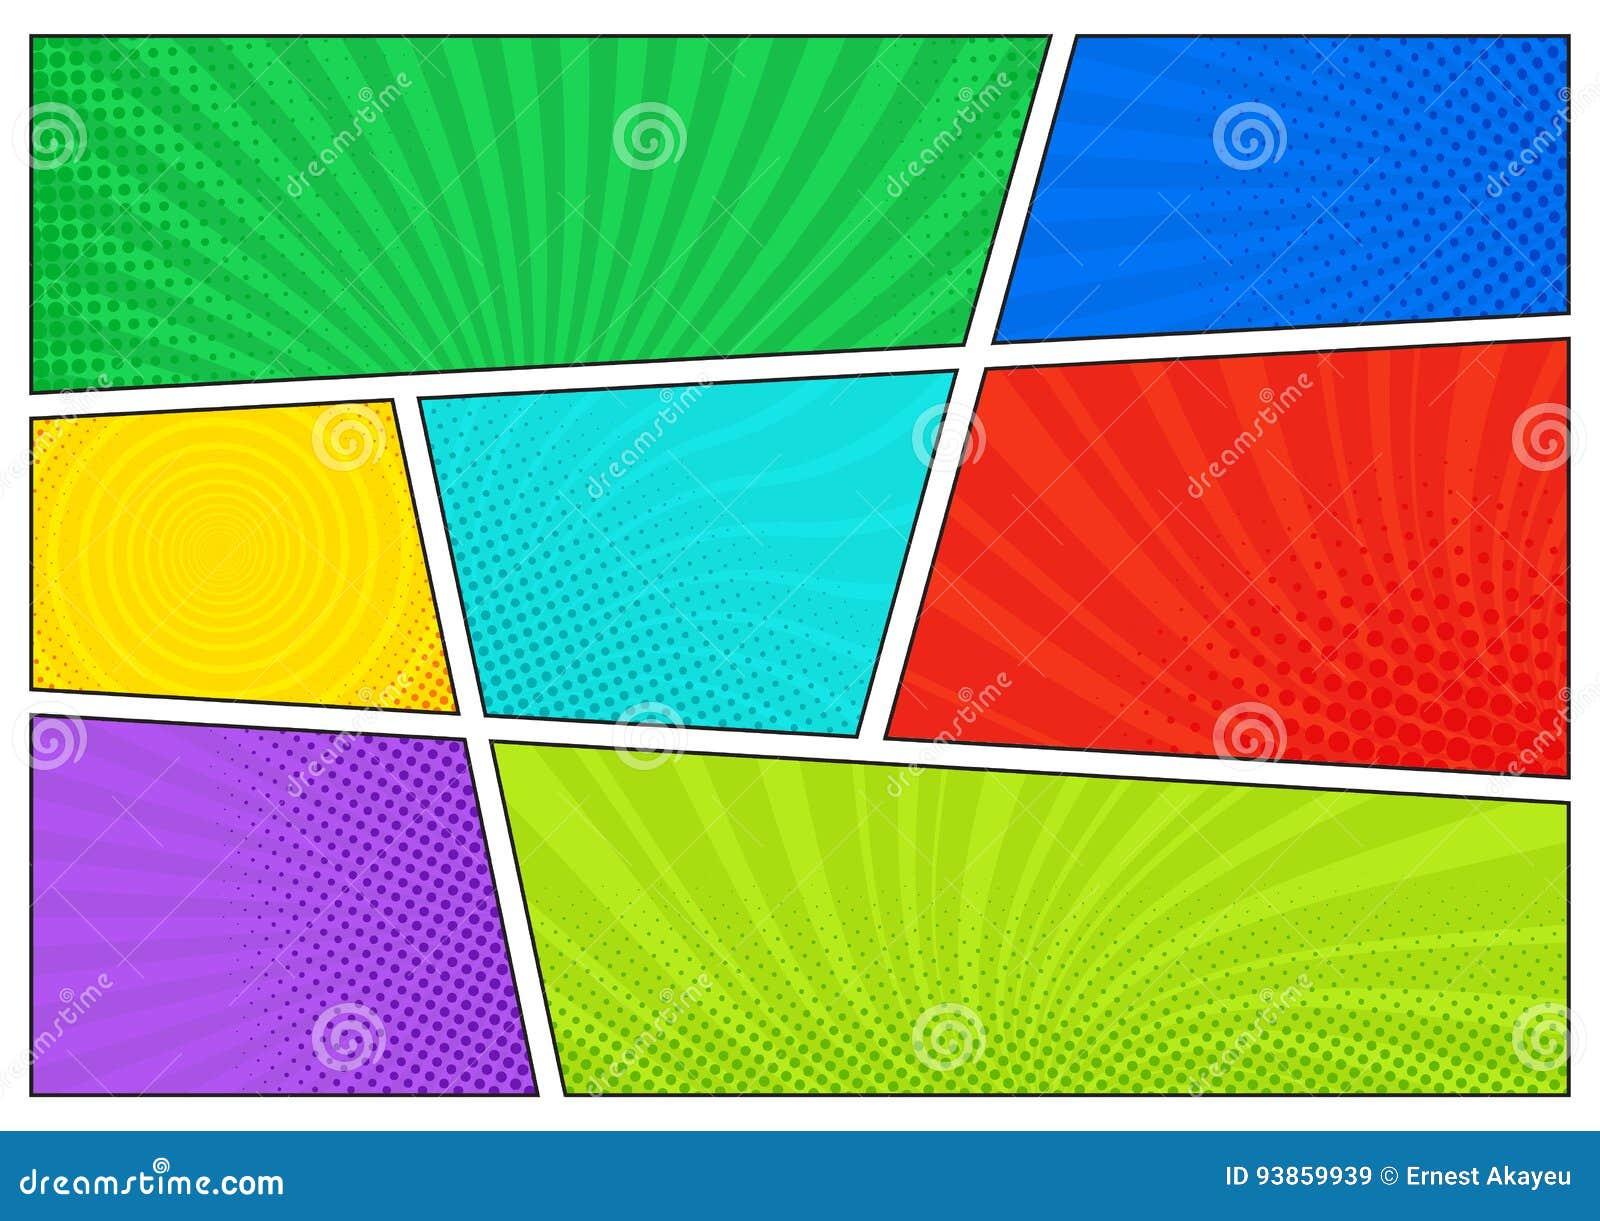 Горизонтальный фон комиксов Яркий шаблон с клетками, влияниями полутонового изображения и лучами Предпосылка вектора красочная в